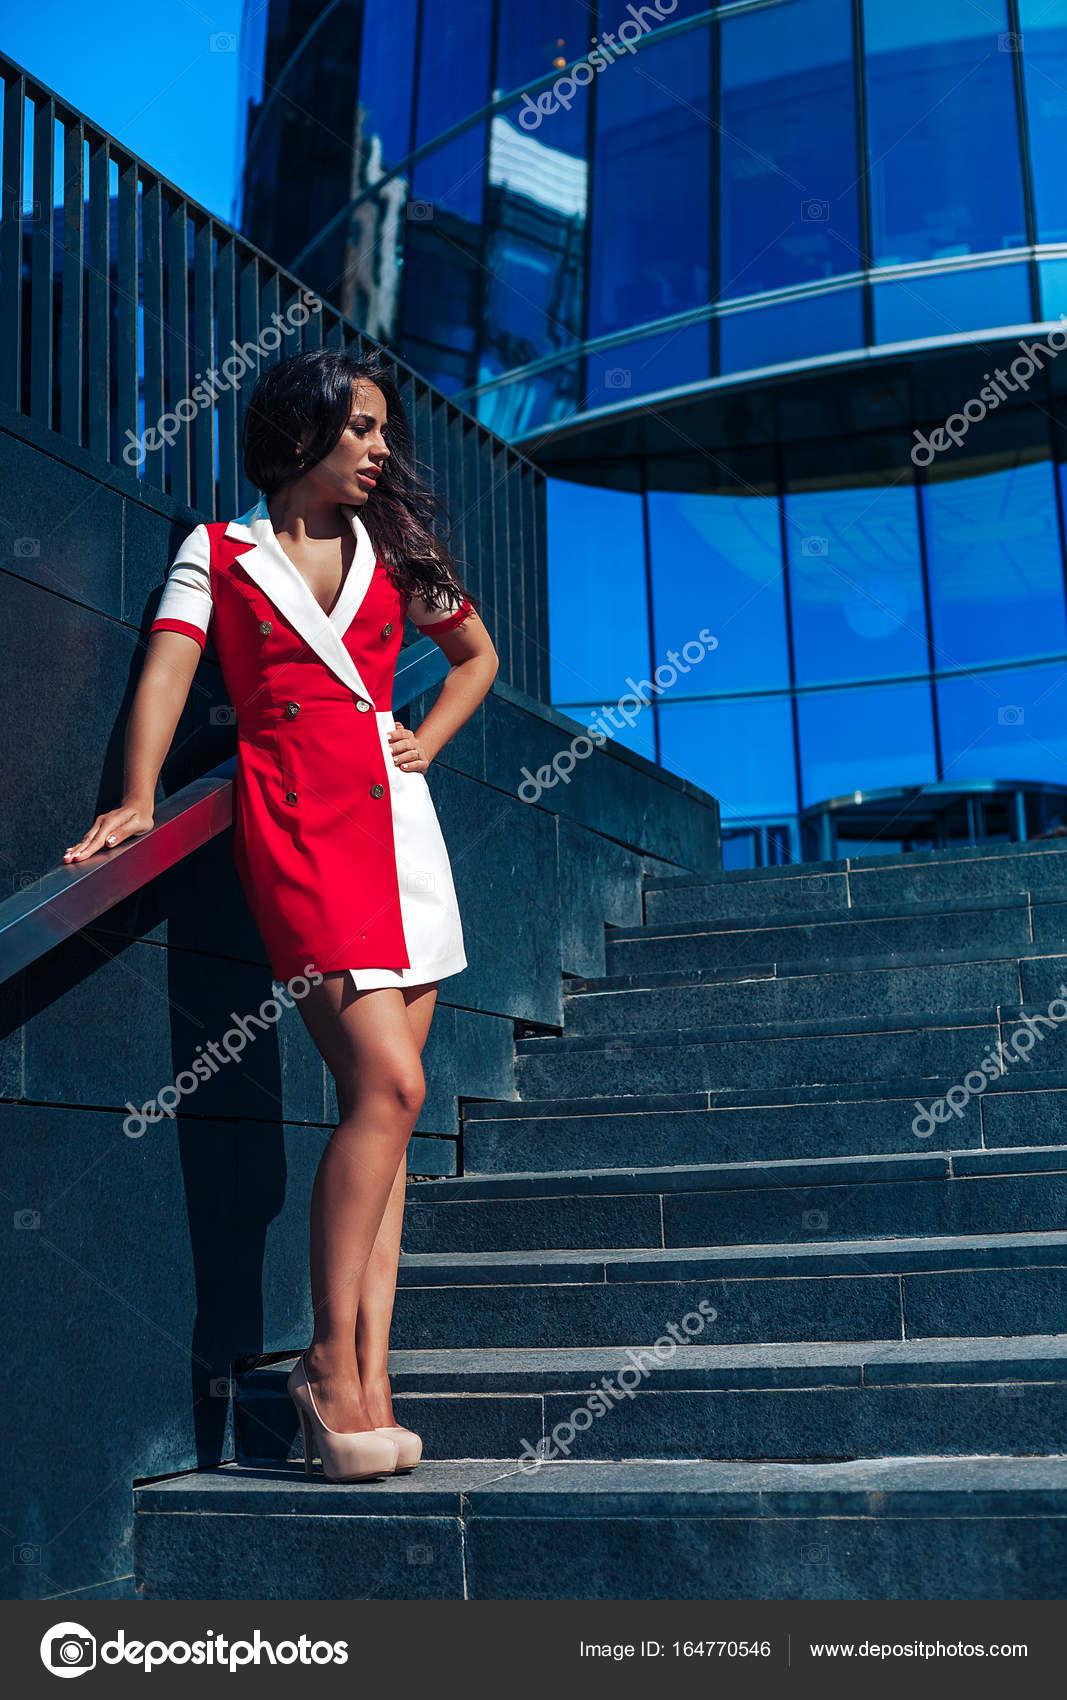 aa94f6211e0885 Mooie glamoureuze brunete meisje in een rode jurk poseren in de buurt van  de showcase van het glas in het Bedrijfscentrum. Zonnevlam in het frame —  Foto van ...